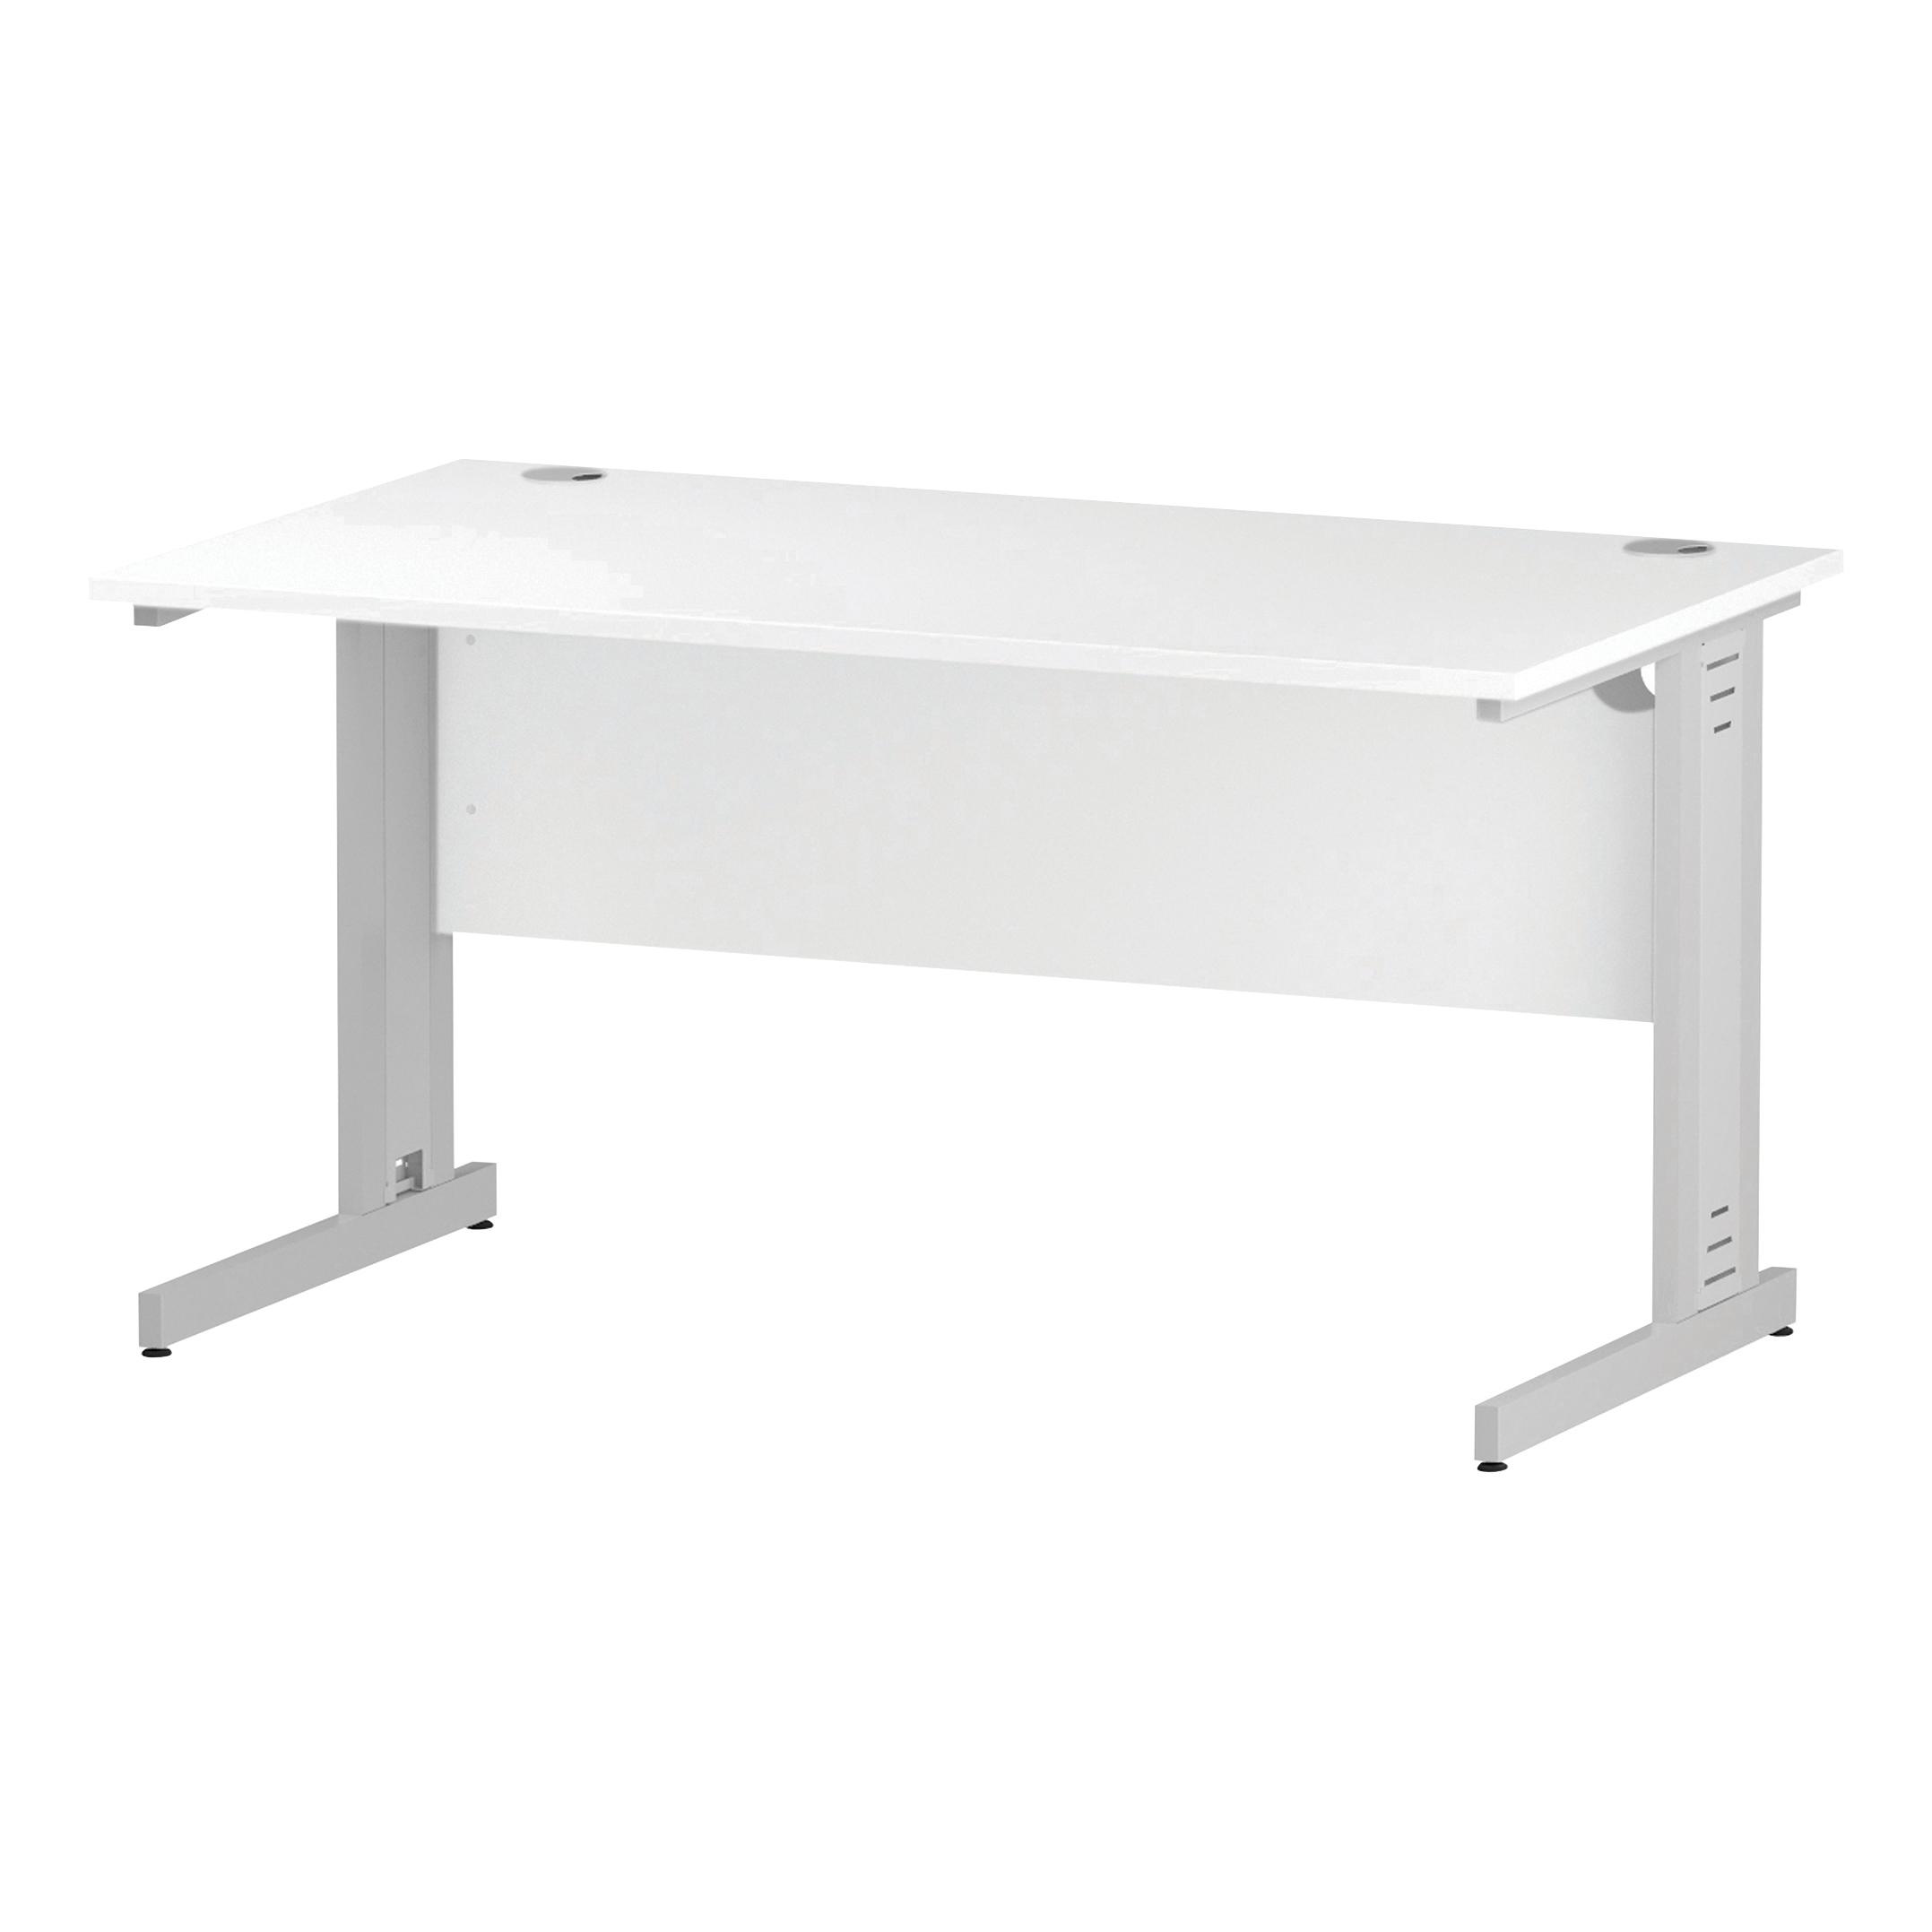 Trexus Rectangular Desk White Cable Managed Leg 1400x800mm White Ref I002272